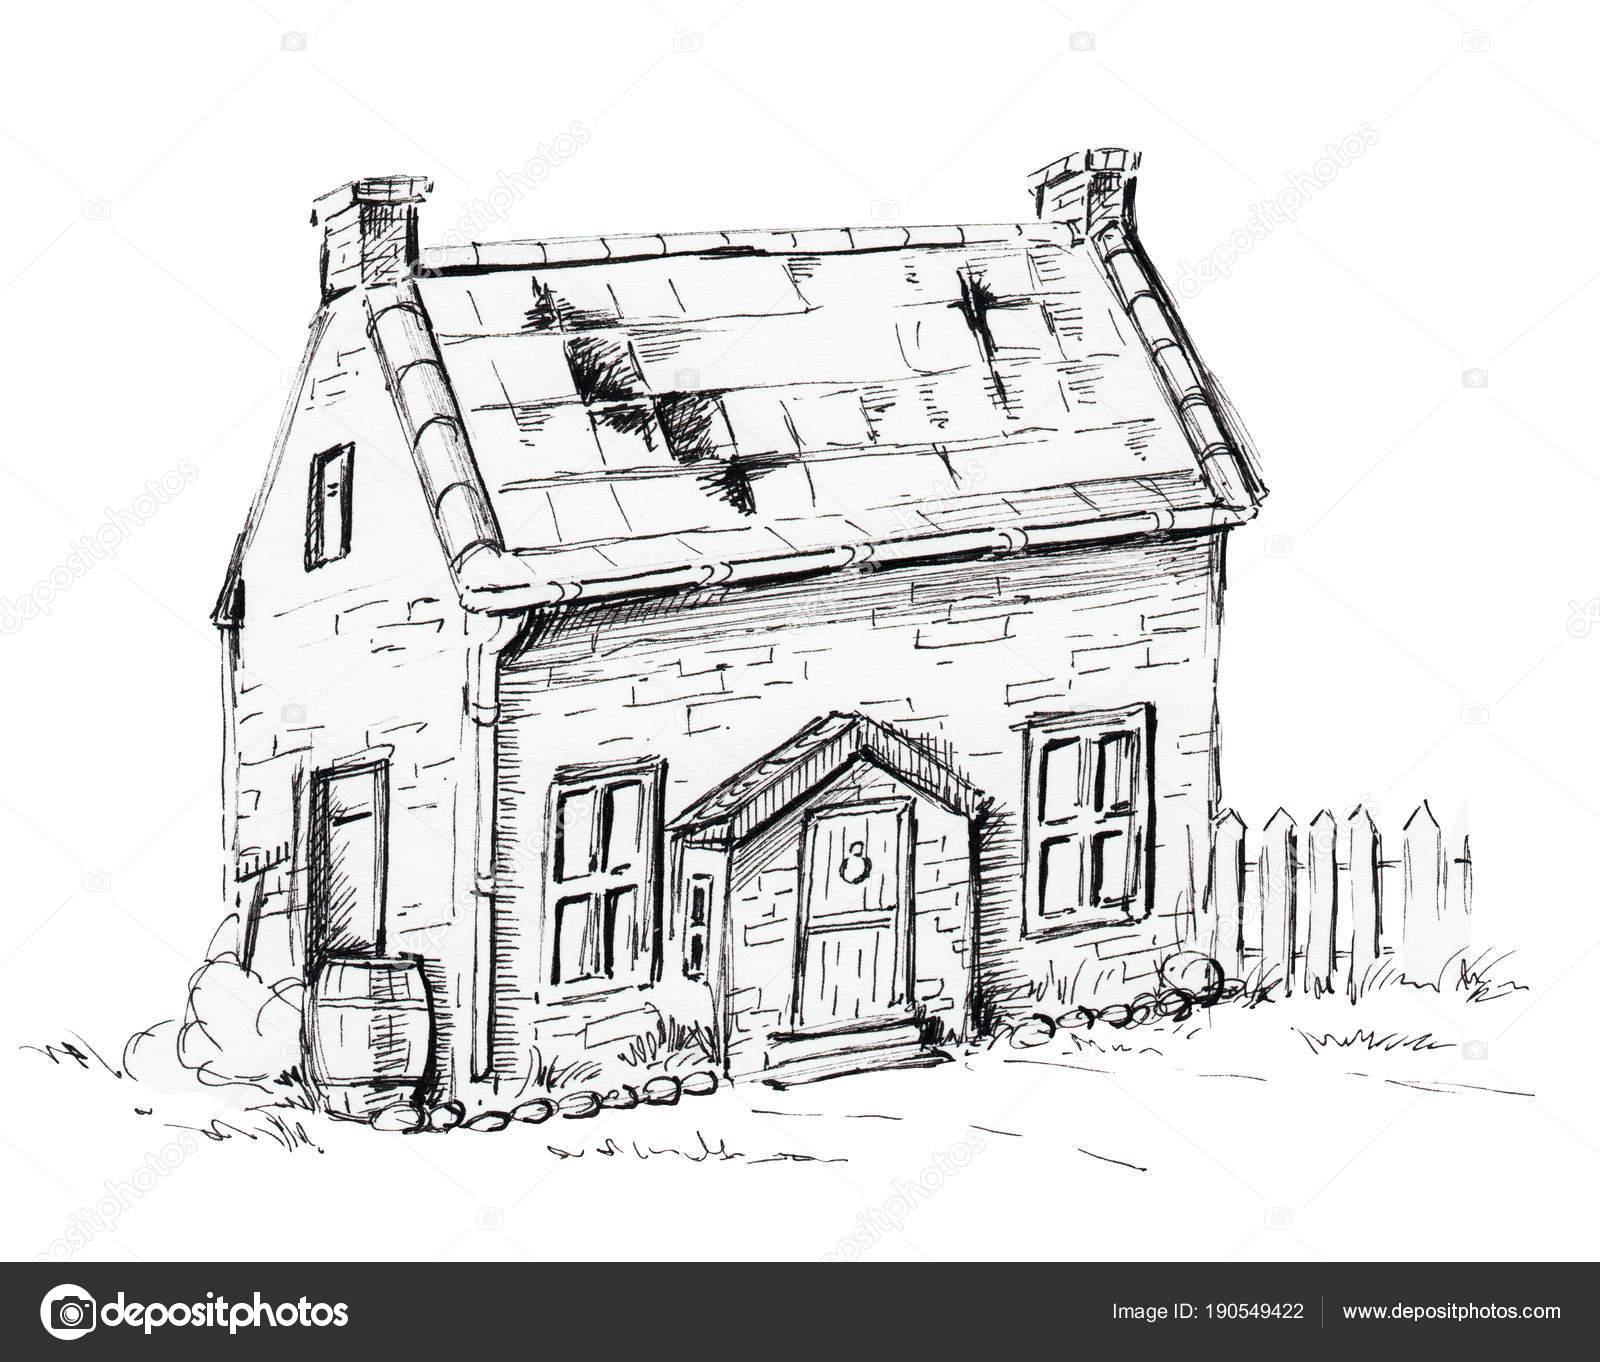 Grafischen Altes Haus Auf Rasen Stockfoto C Mimomy 190549422